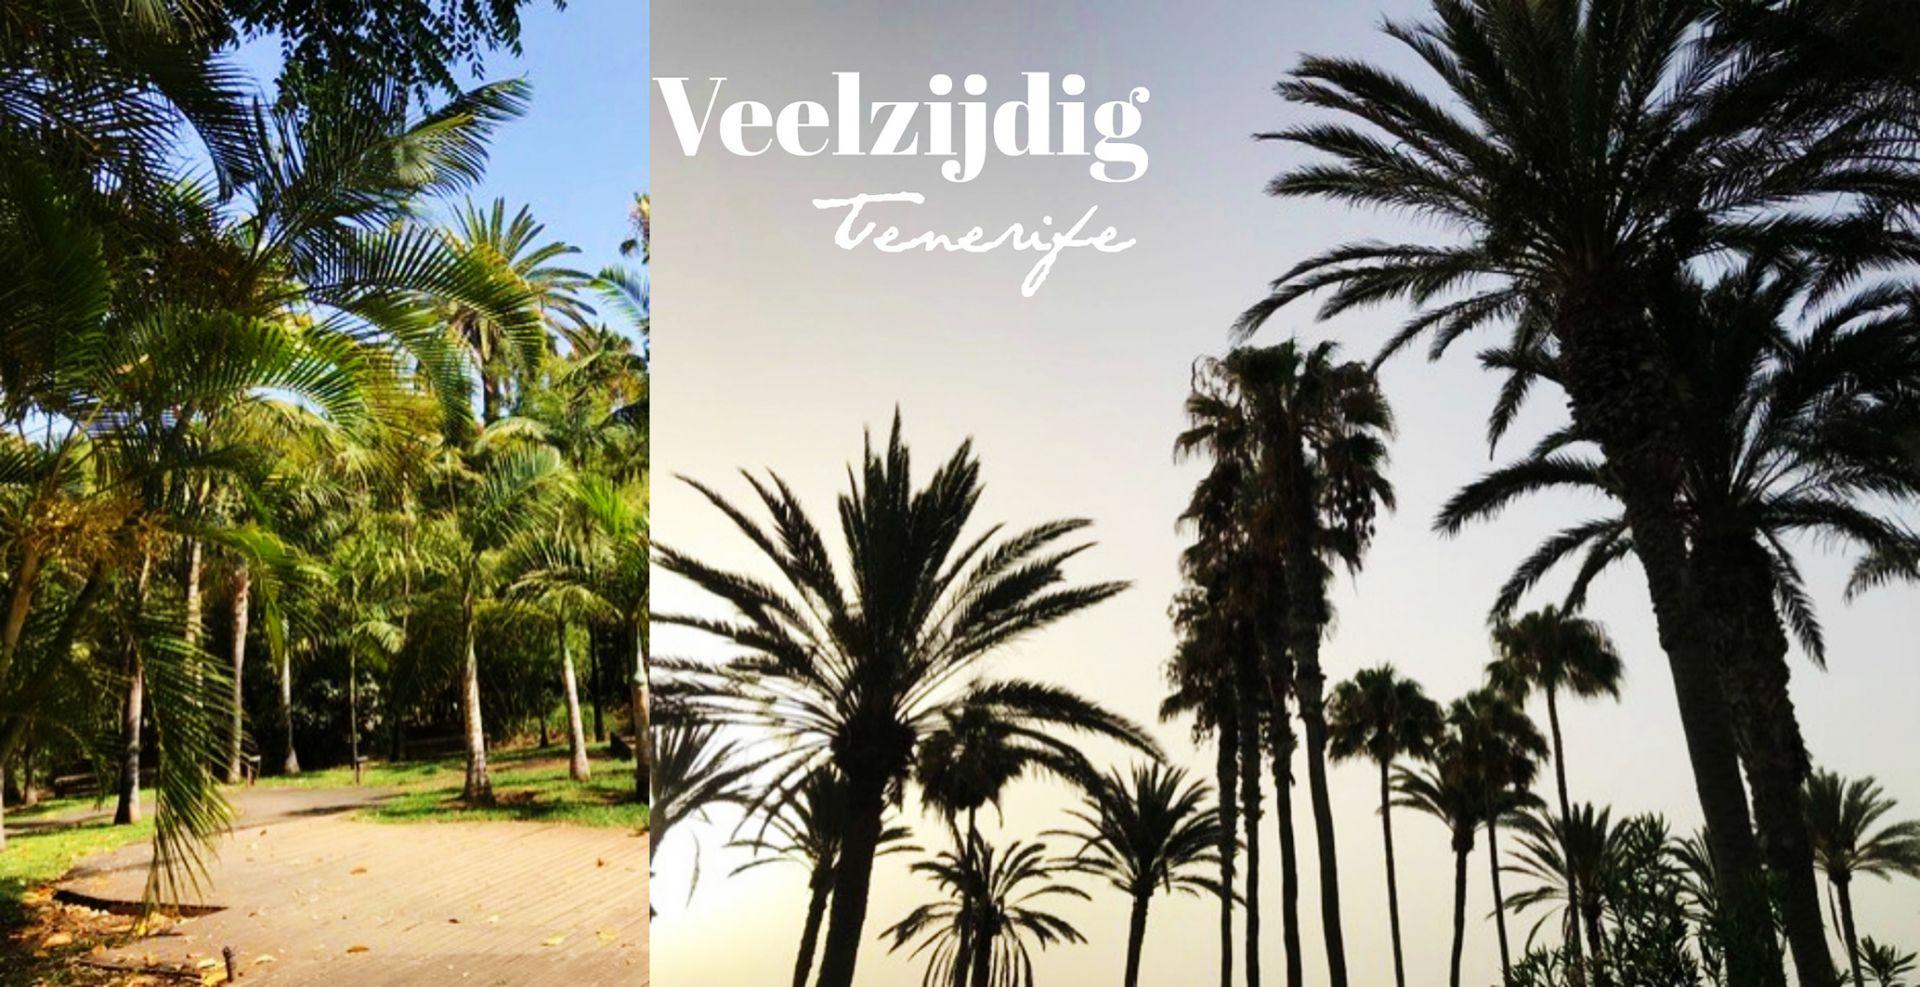 Veelzijdig Tenerife